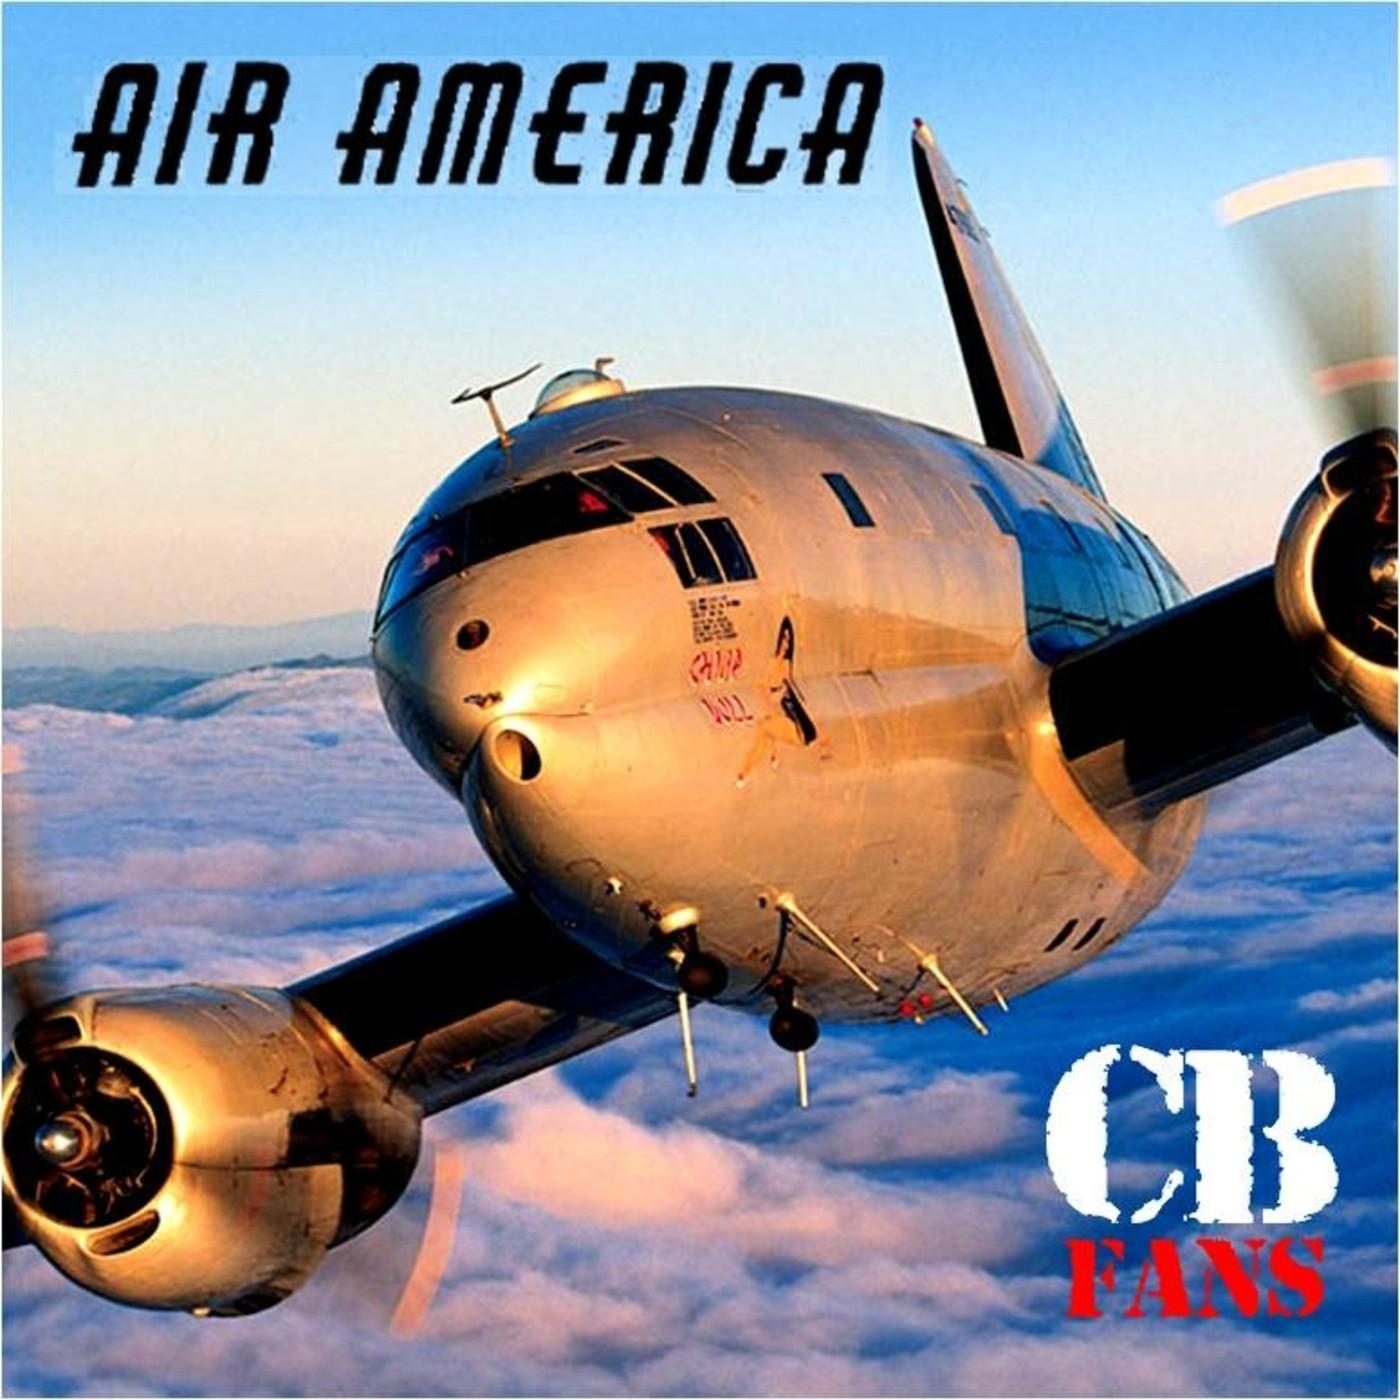 CB FANS 💥 Air America